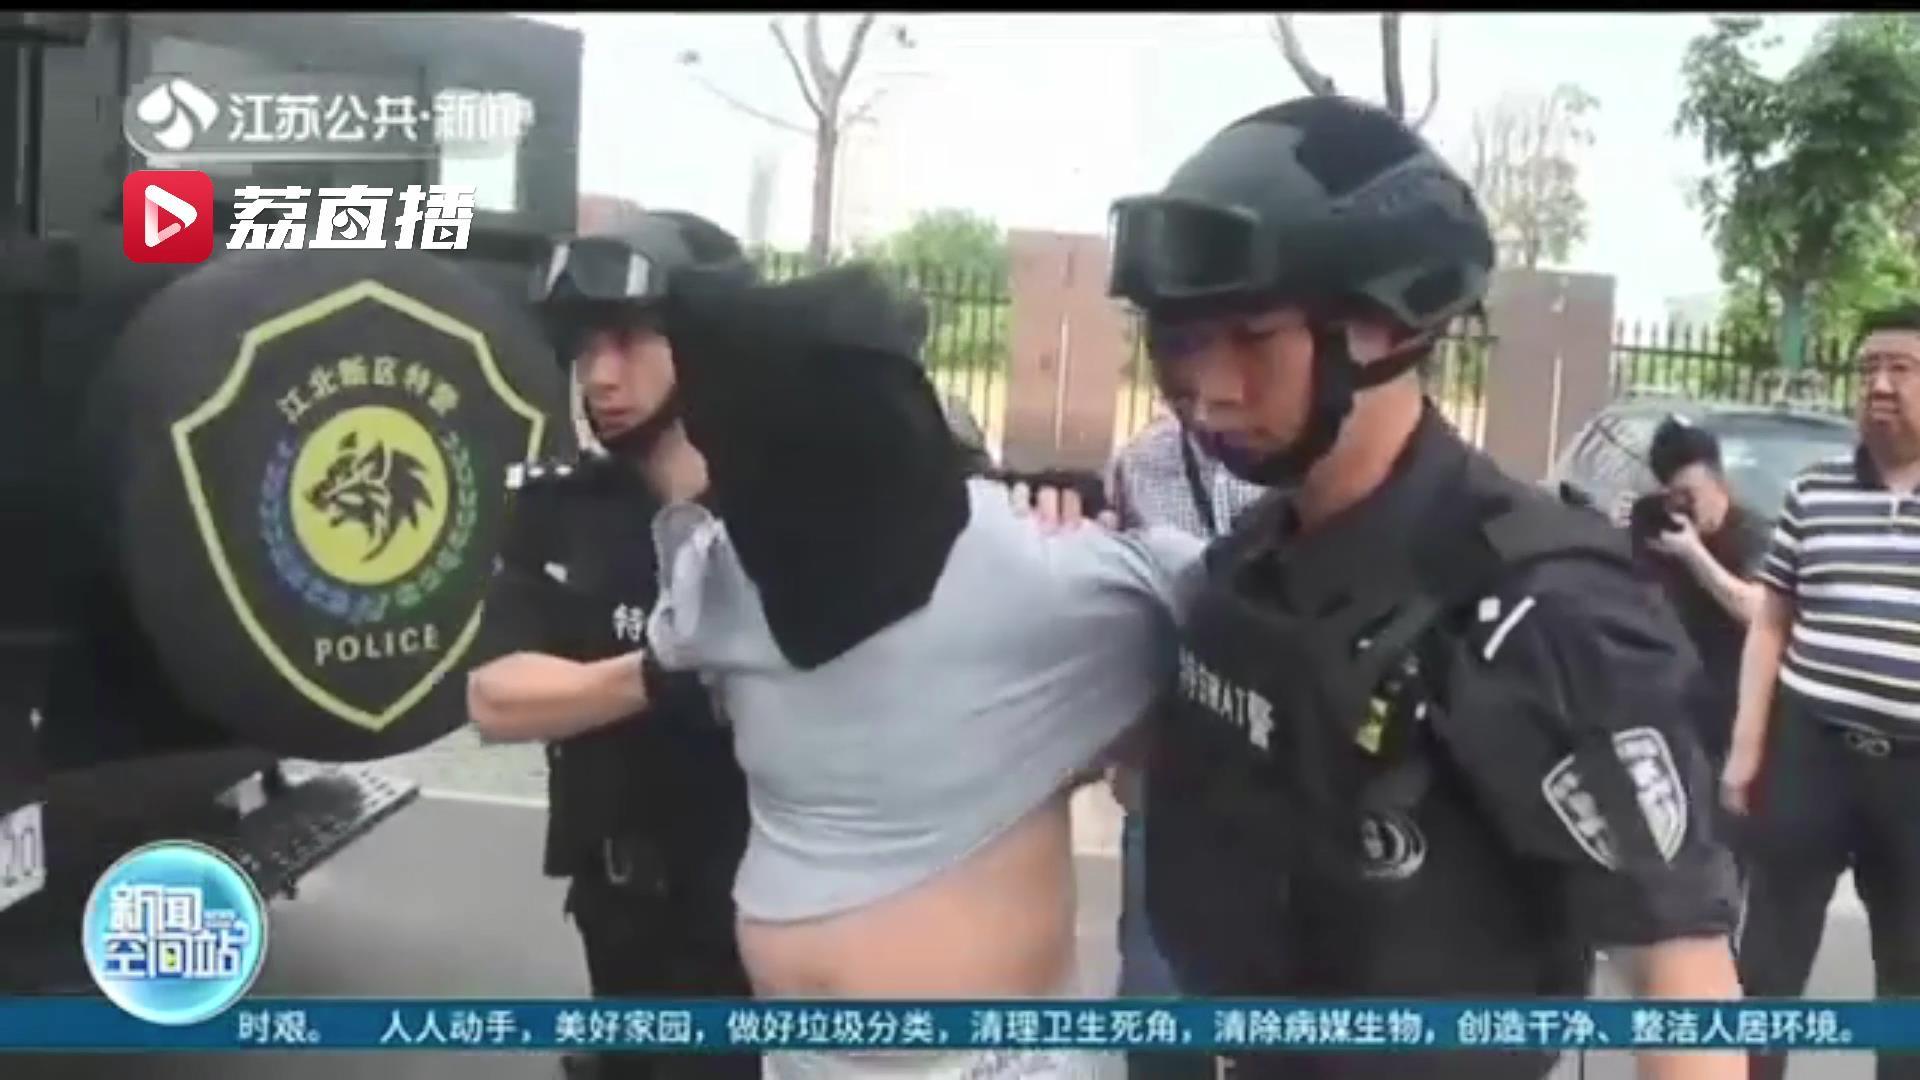 比对族谱锁定69岁嫌犯 南京警方成功侦破17年前杀人命案